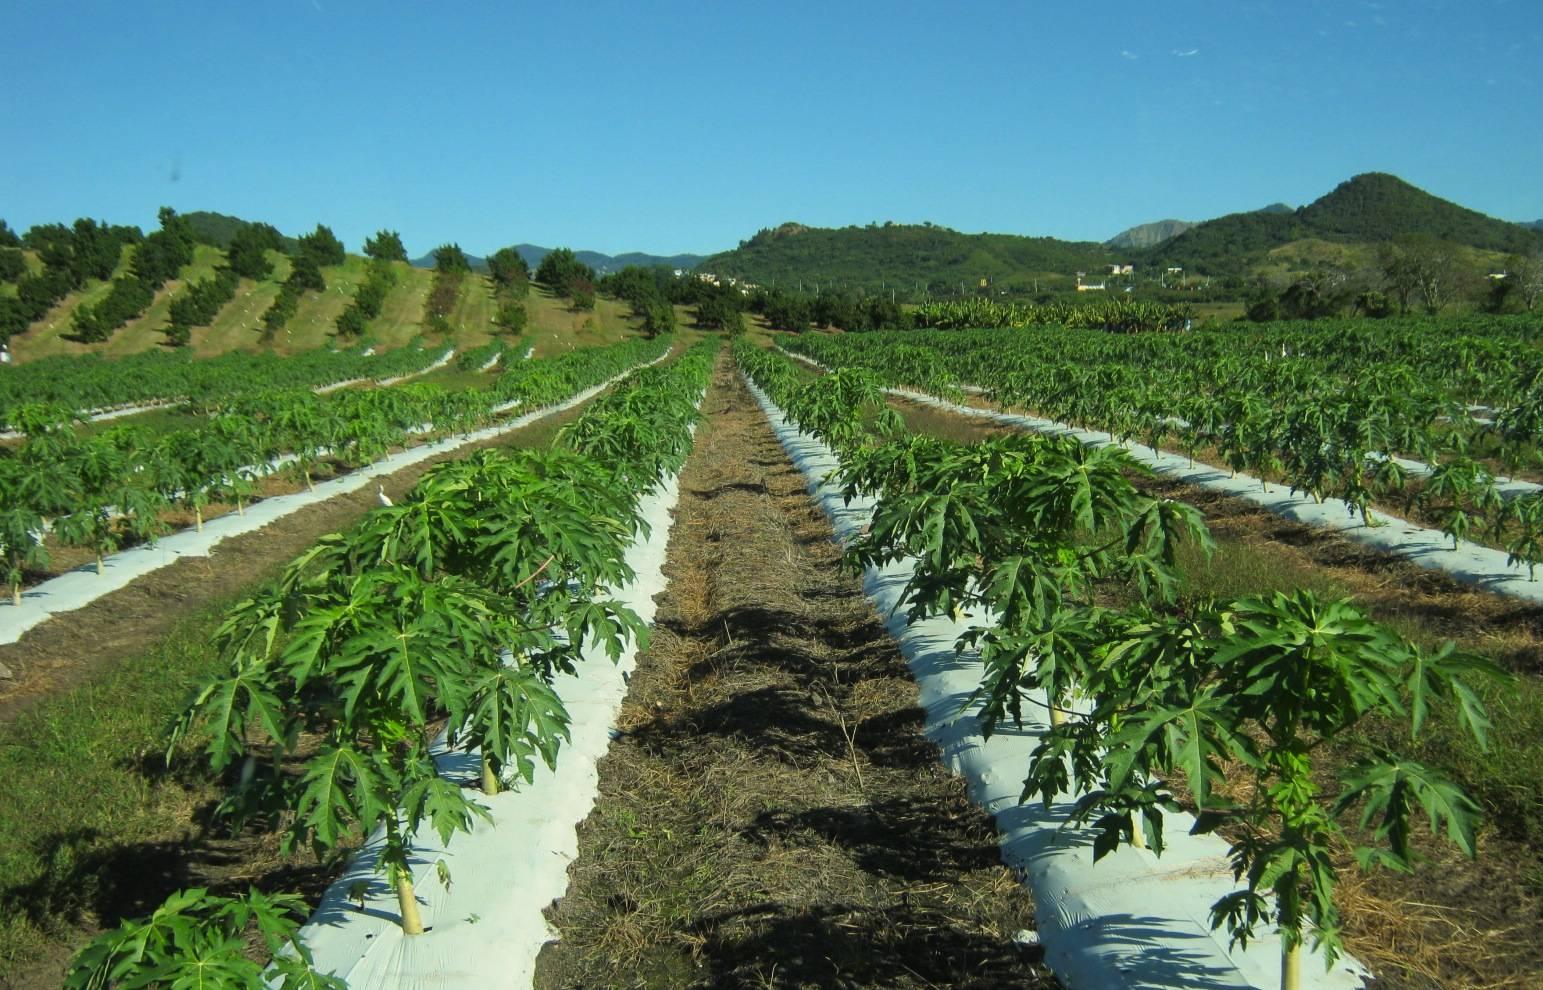 agriculturamorovis500907859-e6dd96f47f837befa62b4df815a2bbeb.jpg